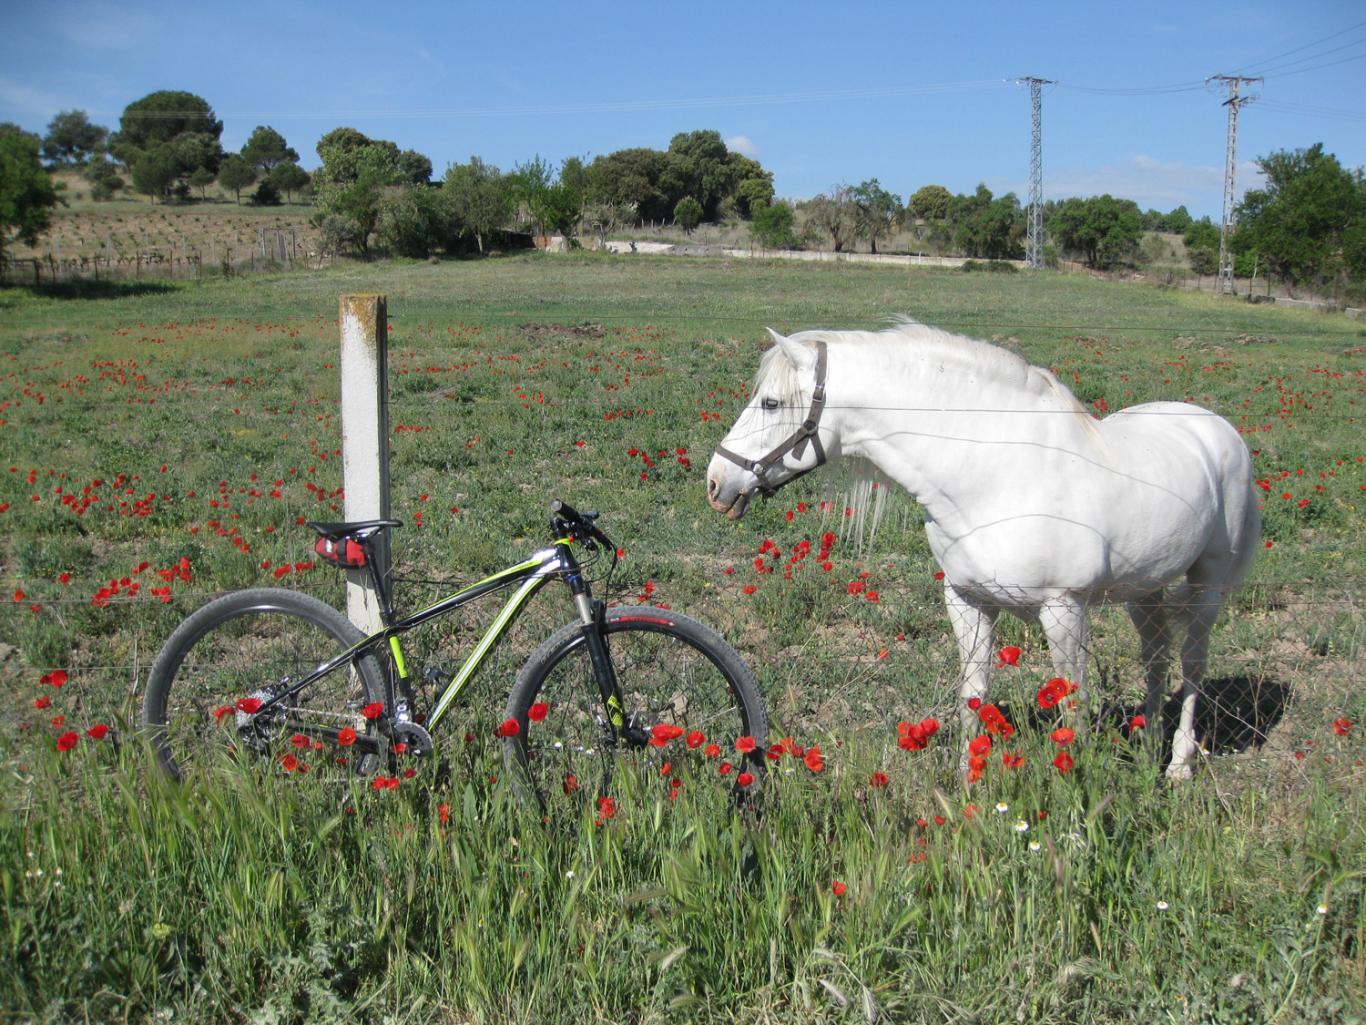 Pradera con caballo pastando y bicicleta apoyada en una verja